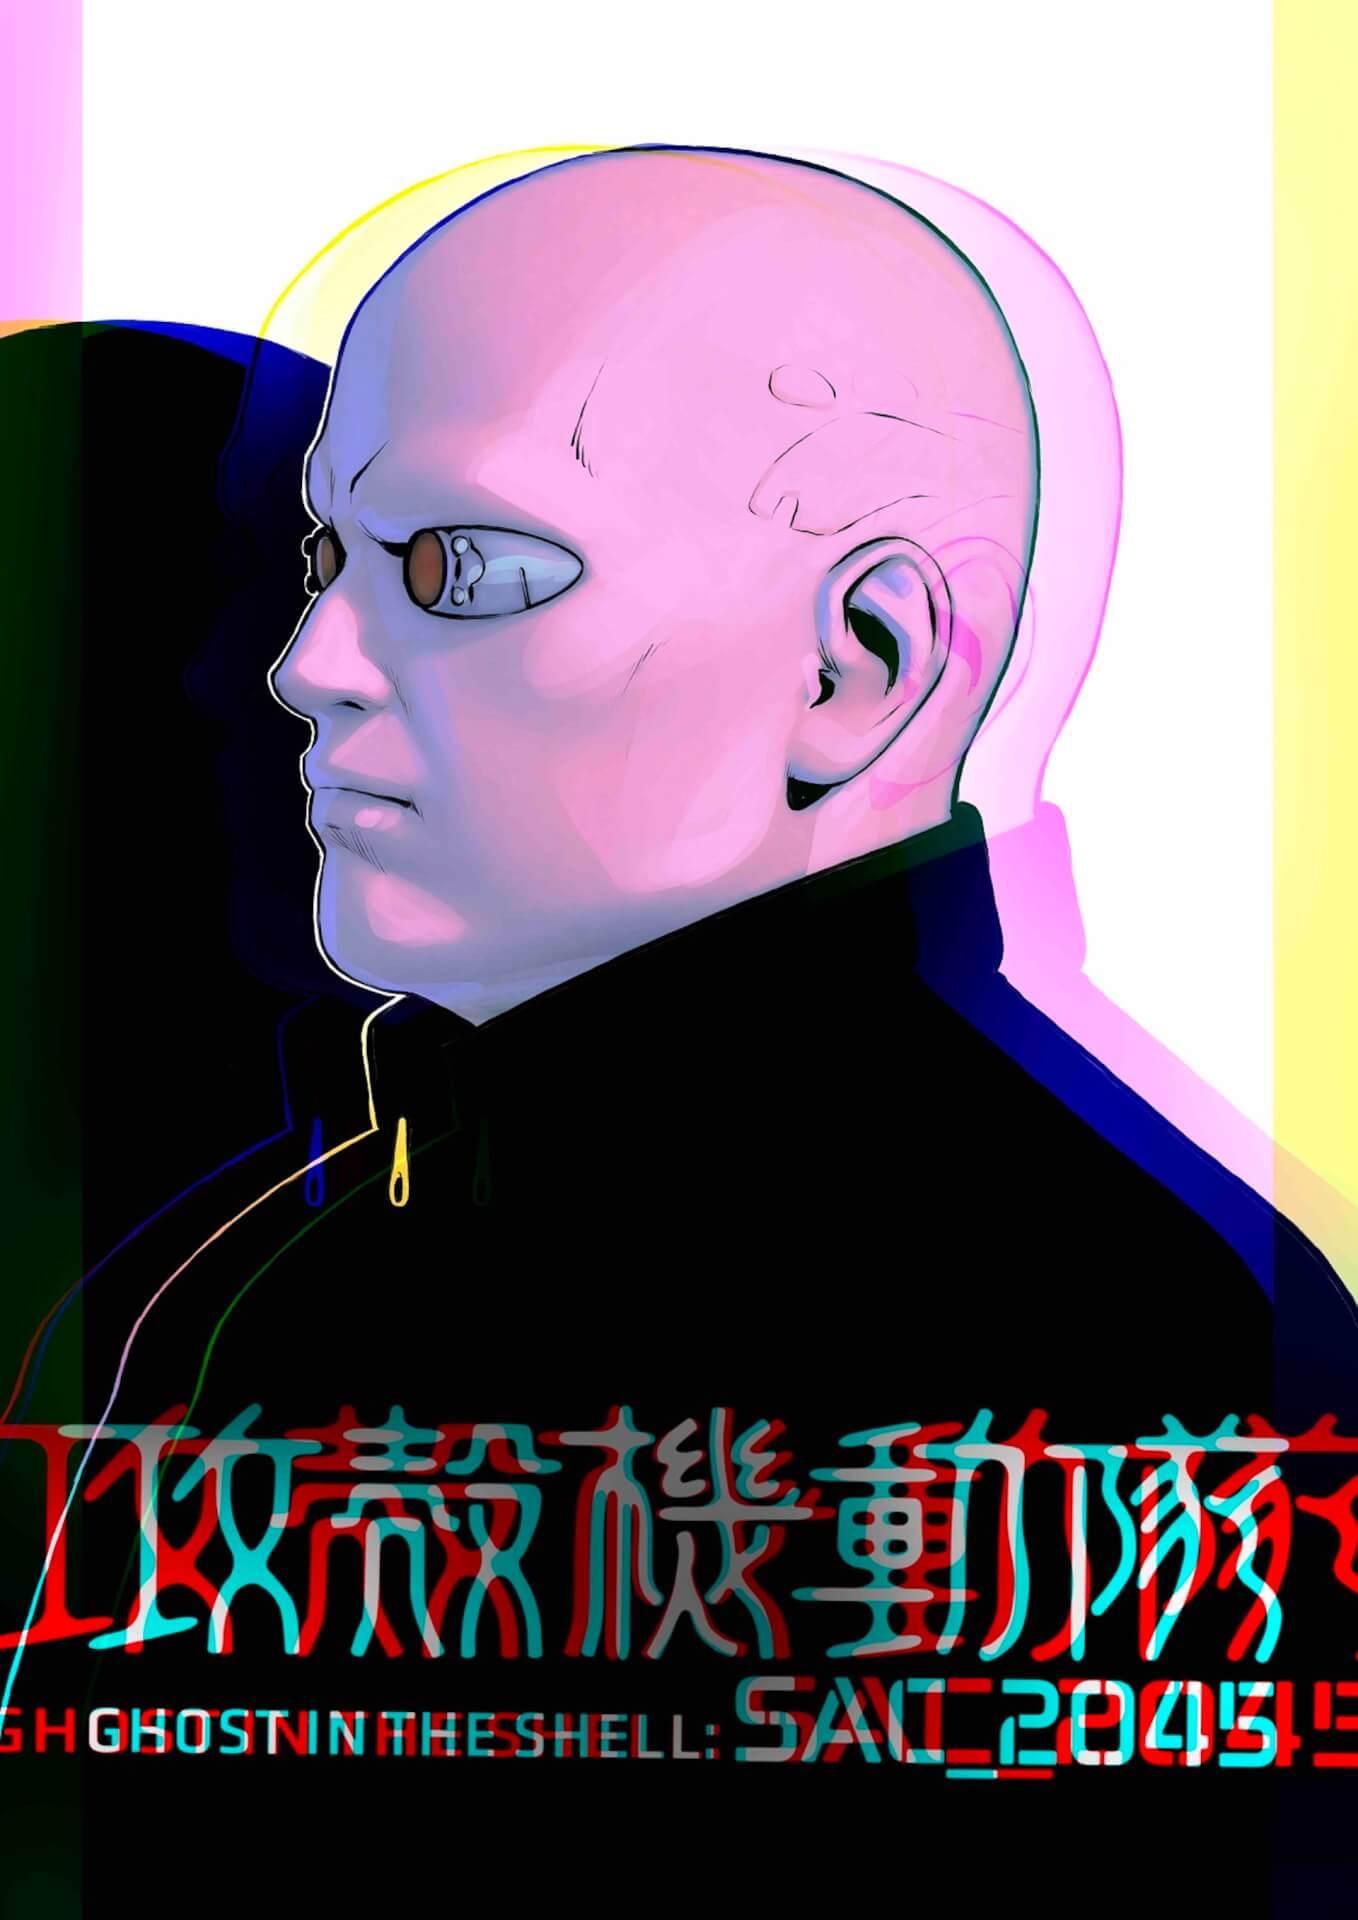 素子、バトー、トグサらの他に謎のキャラクターも...?Netflix『攻殻機動隊 SAC_2045』のキャラクターデザインが一挙解禁! art200418_ghostintheshell_8